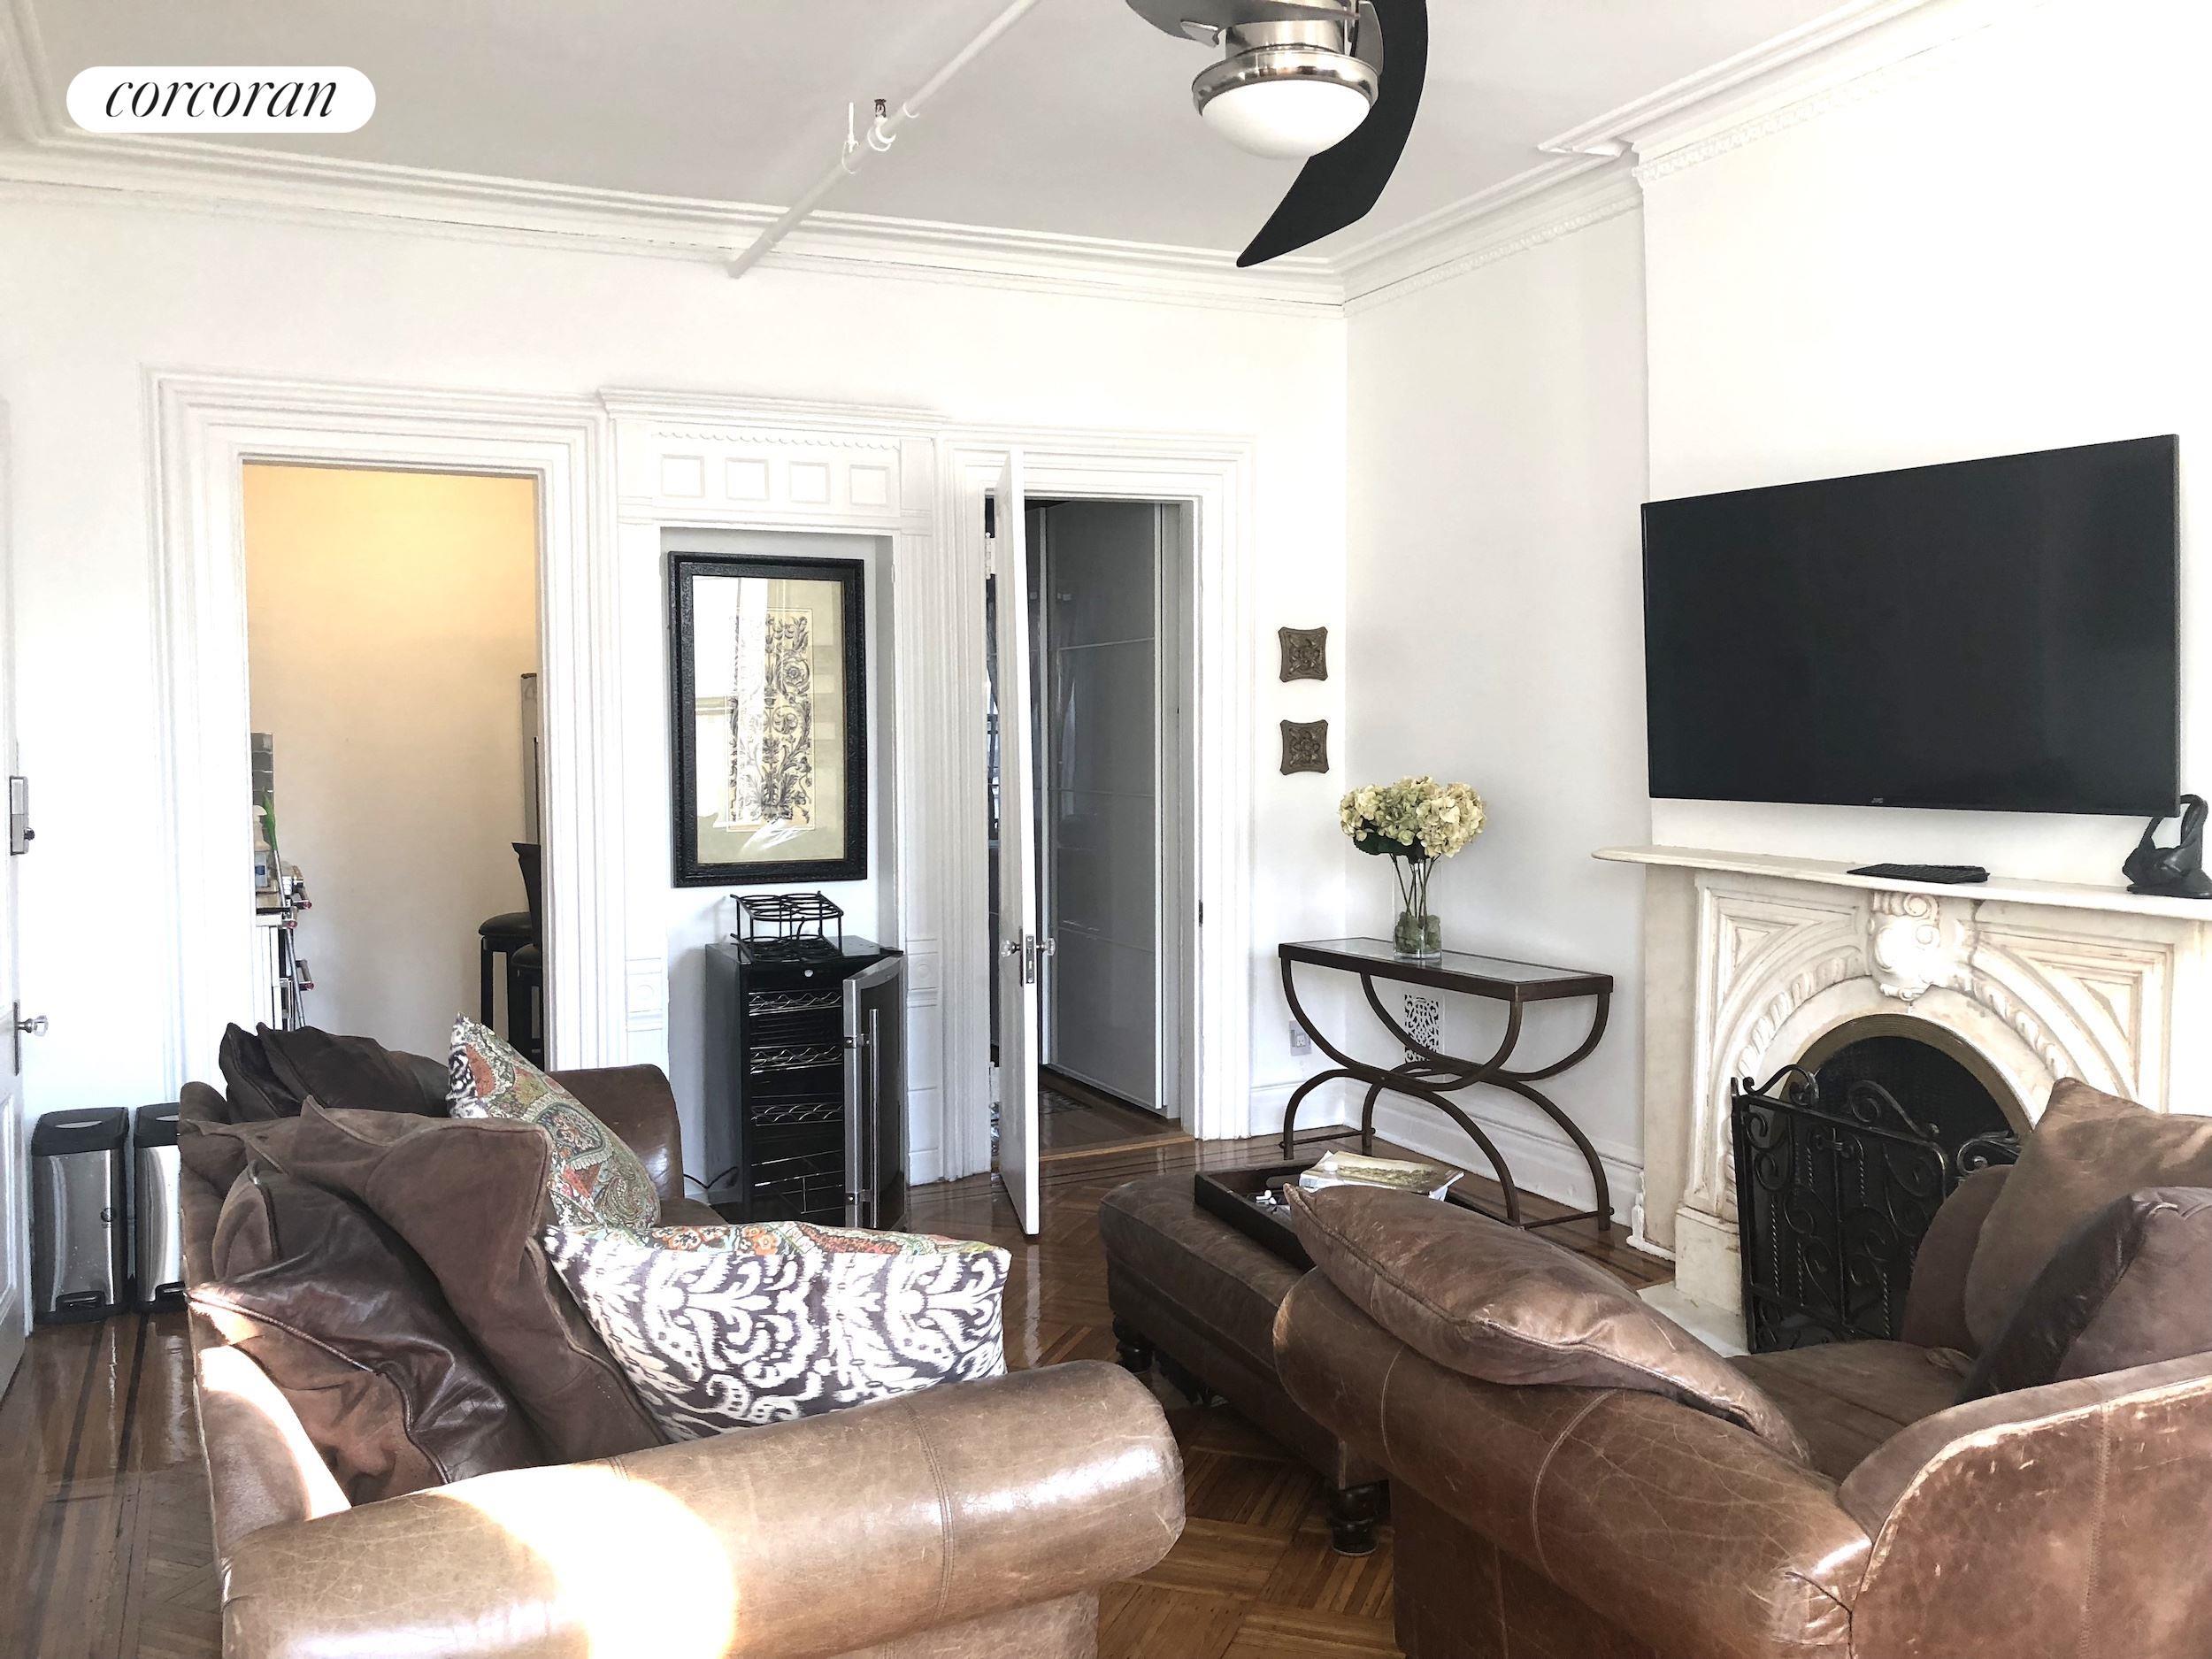 Corcoran, 419 Grand Avenue, Apt. 2, Clinton Hill Rentals, Brooklyn ...